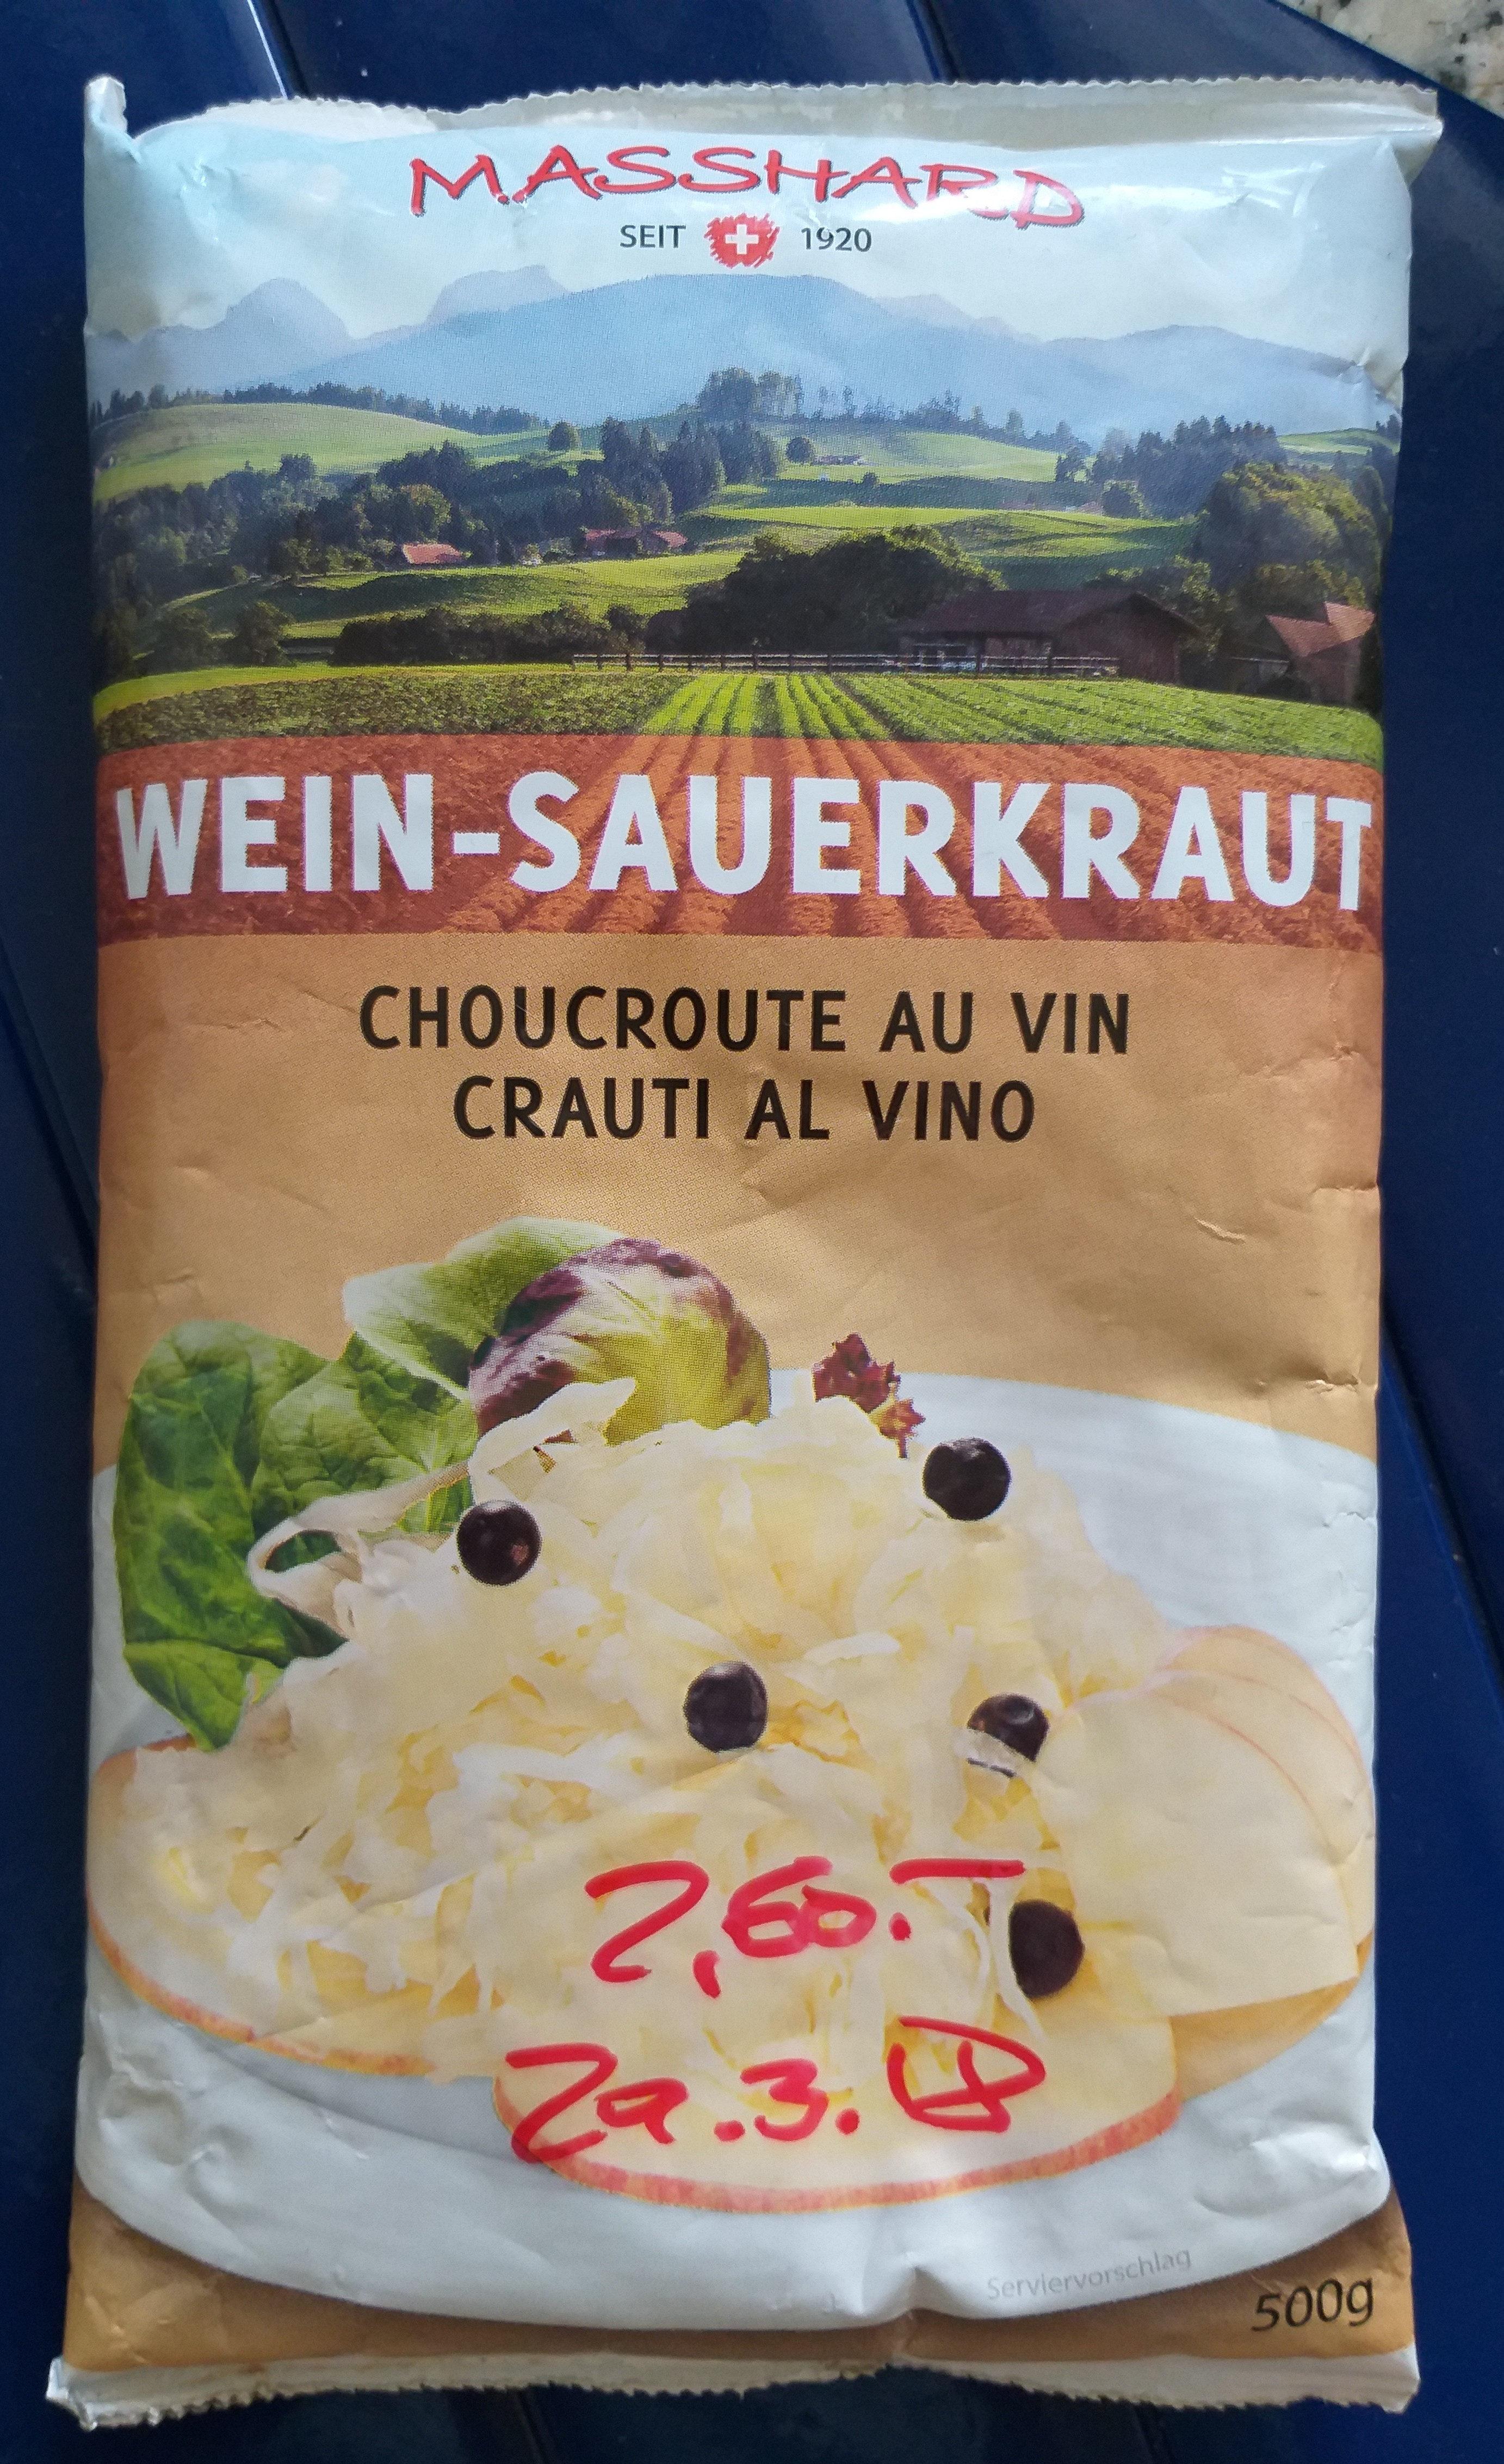 Wein-Sauerkraut / Choucroutte au vin - Product